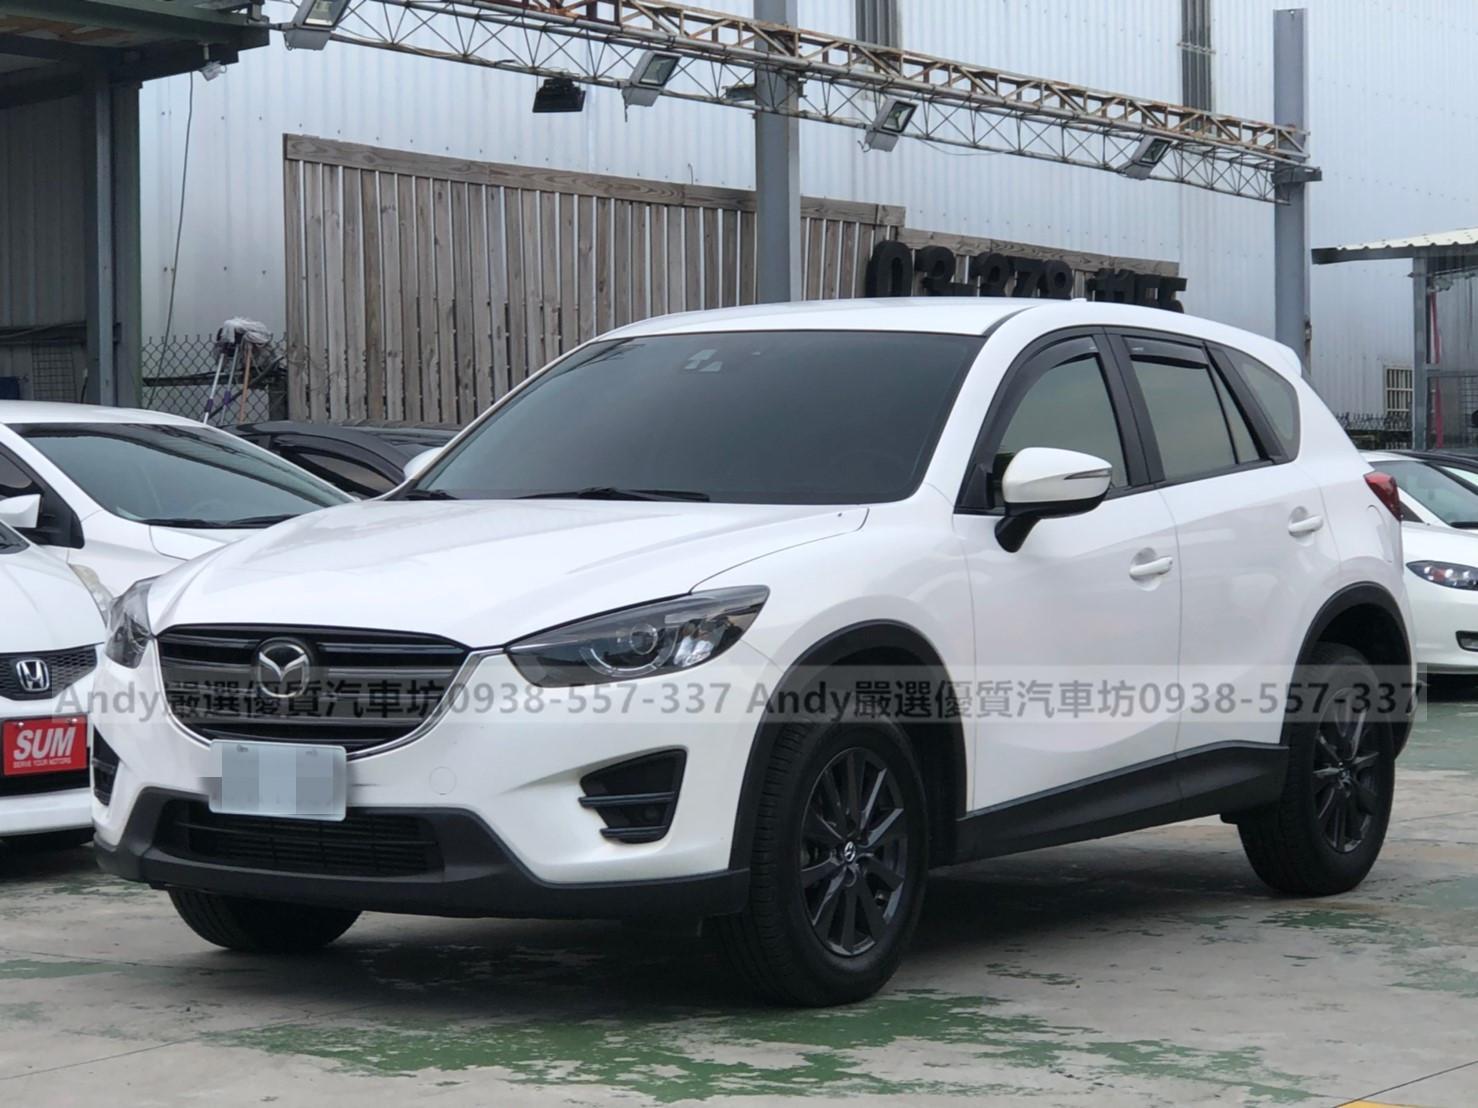 2015年 CX-5 白 柴油 2.2 熱門車中古車二手車